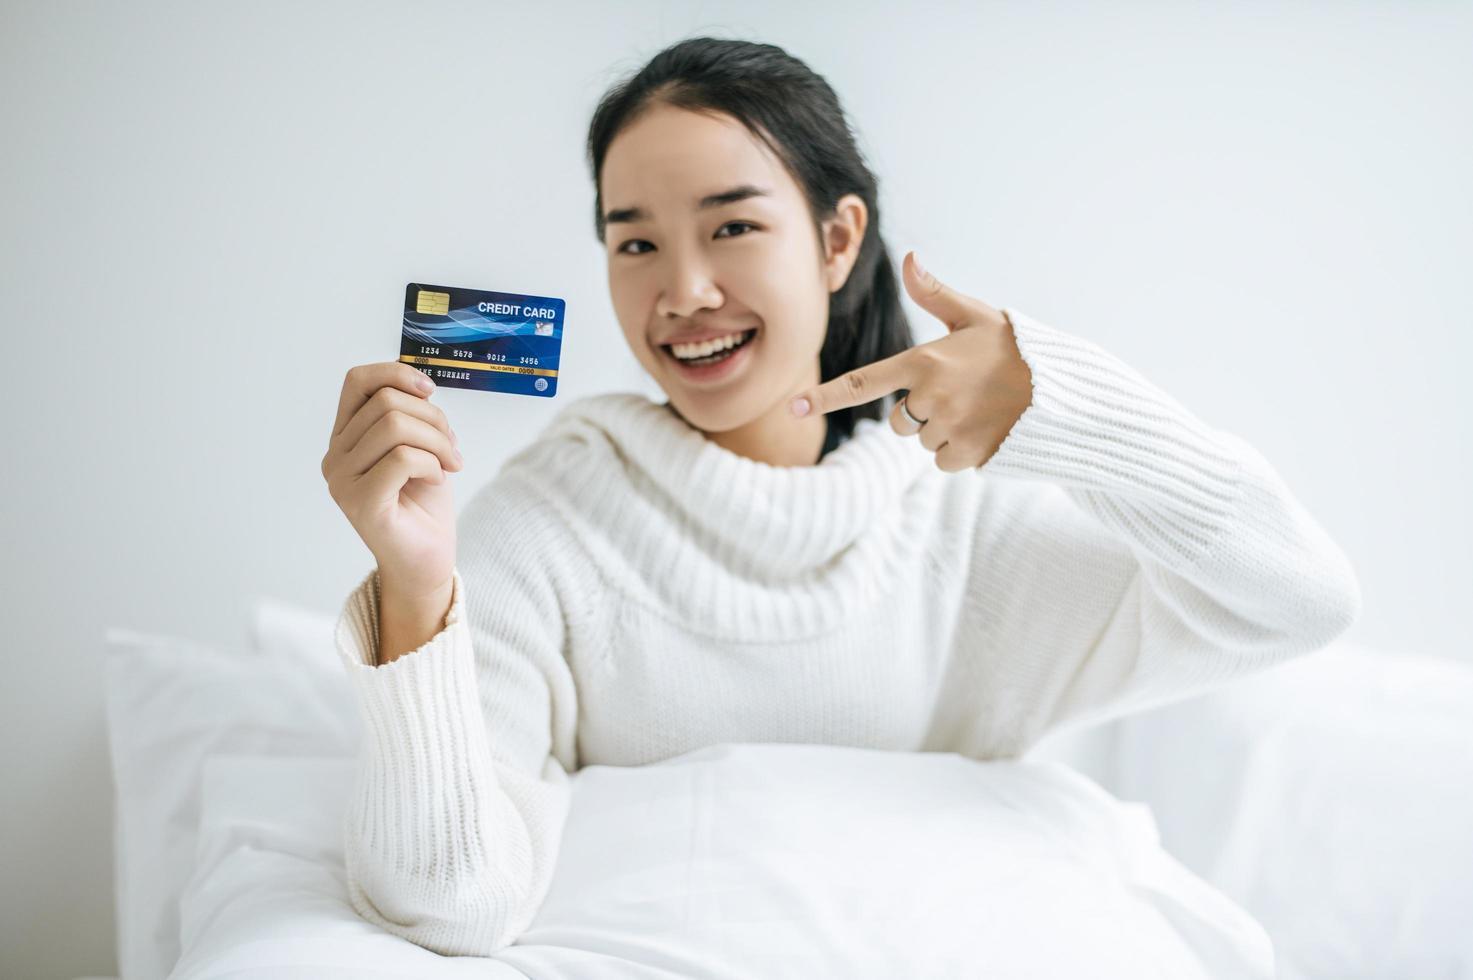 jeune femme, à, a, carte crédit, sourire, lit photo